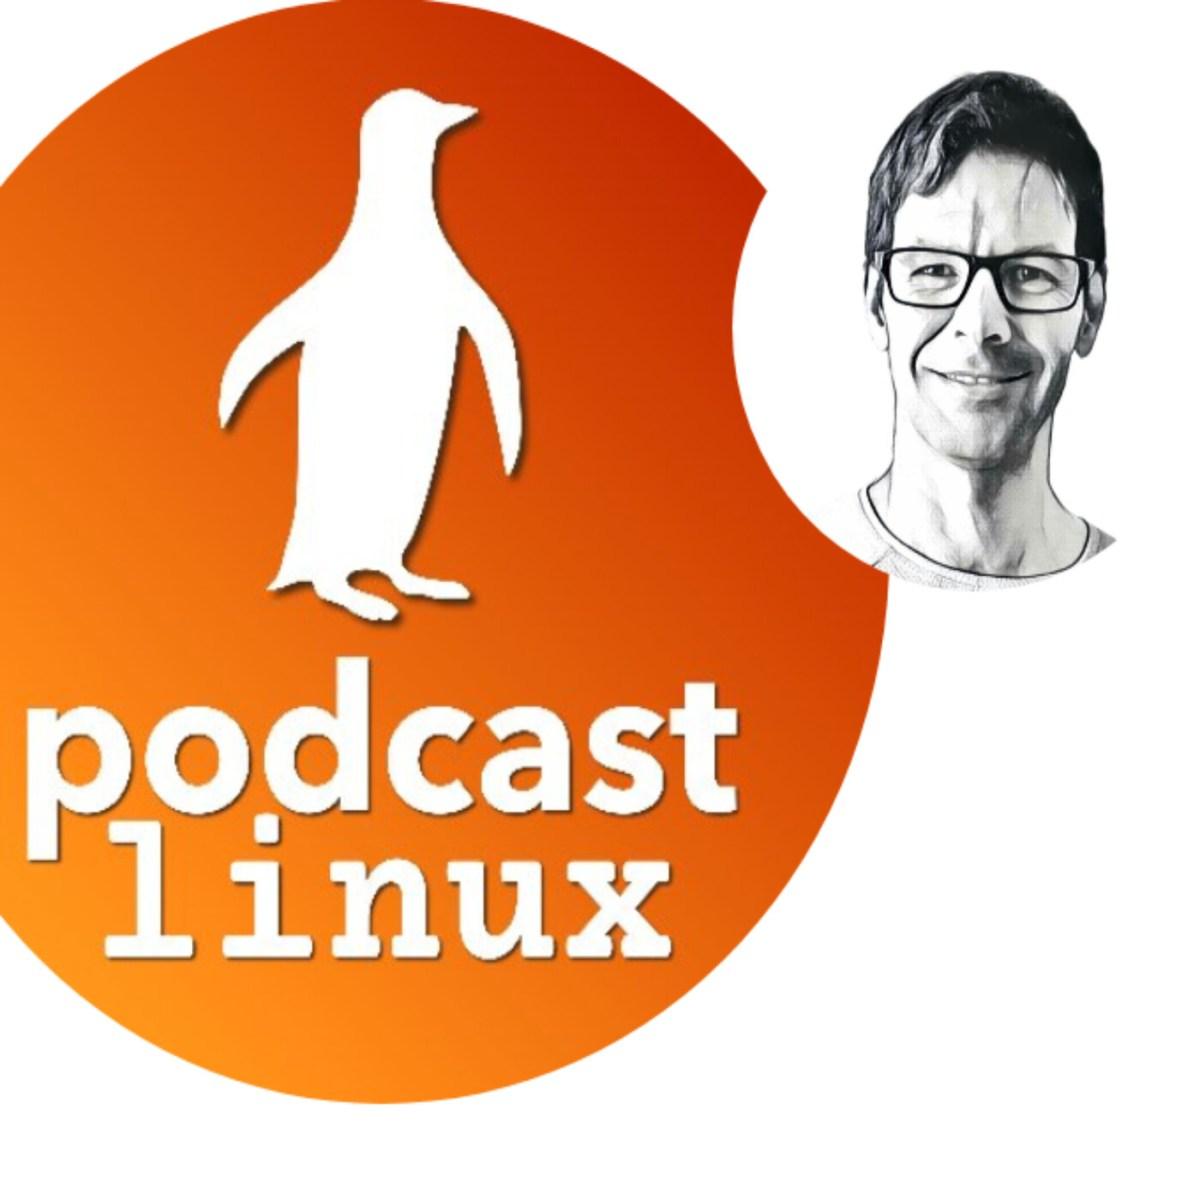 Juan Febles y Podcast Linux, pasión por el software libre